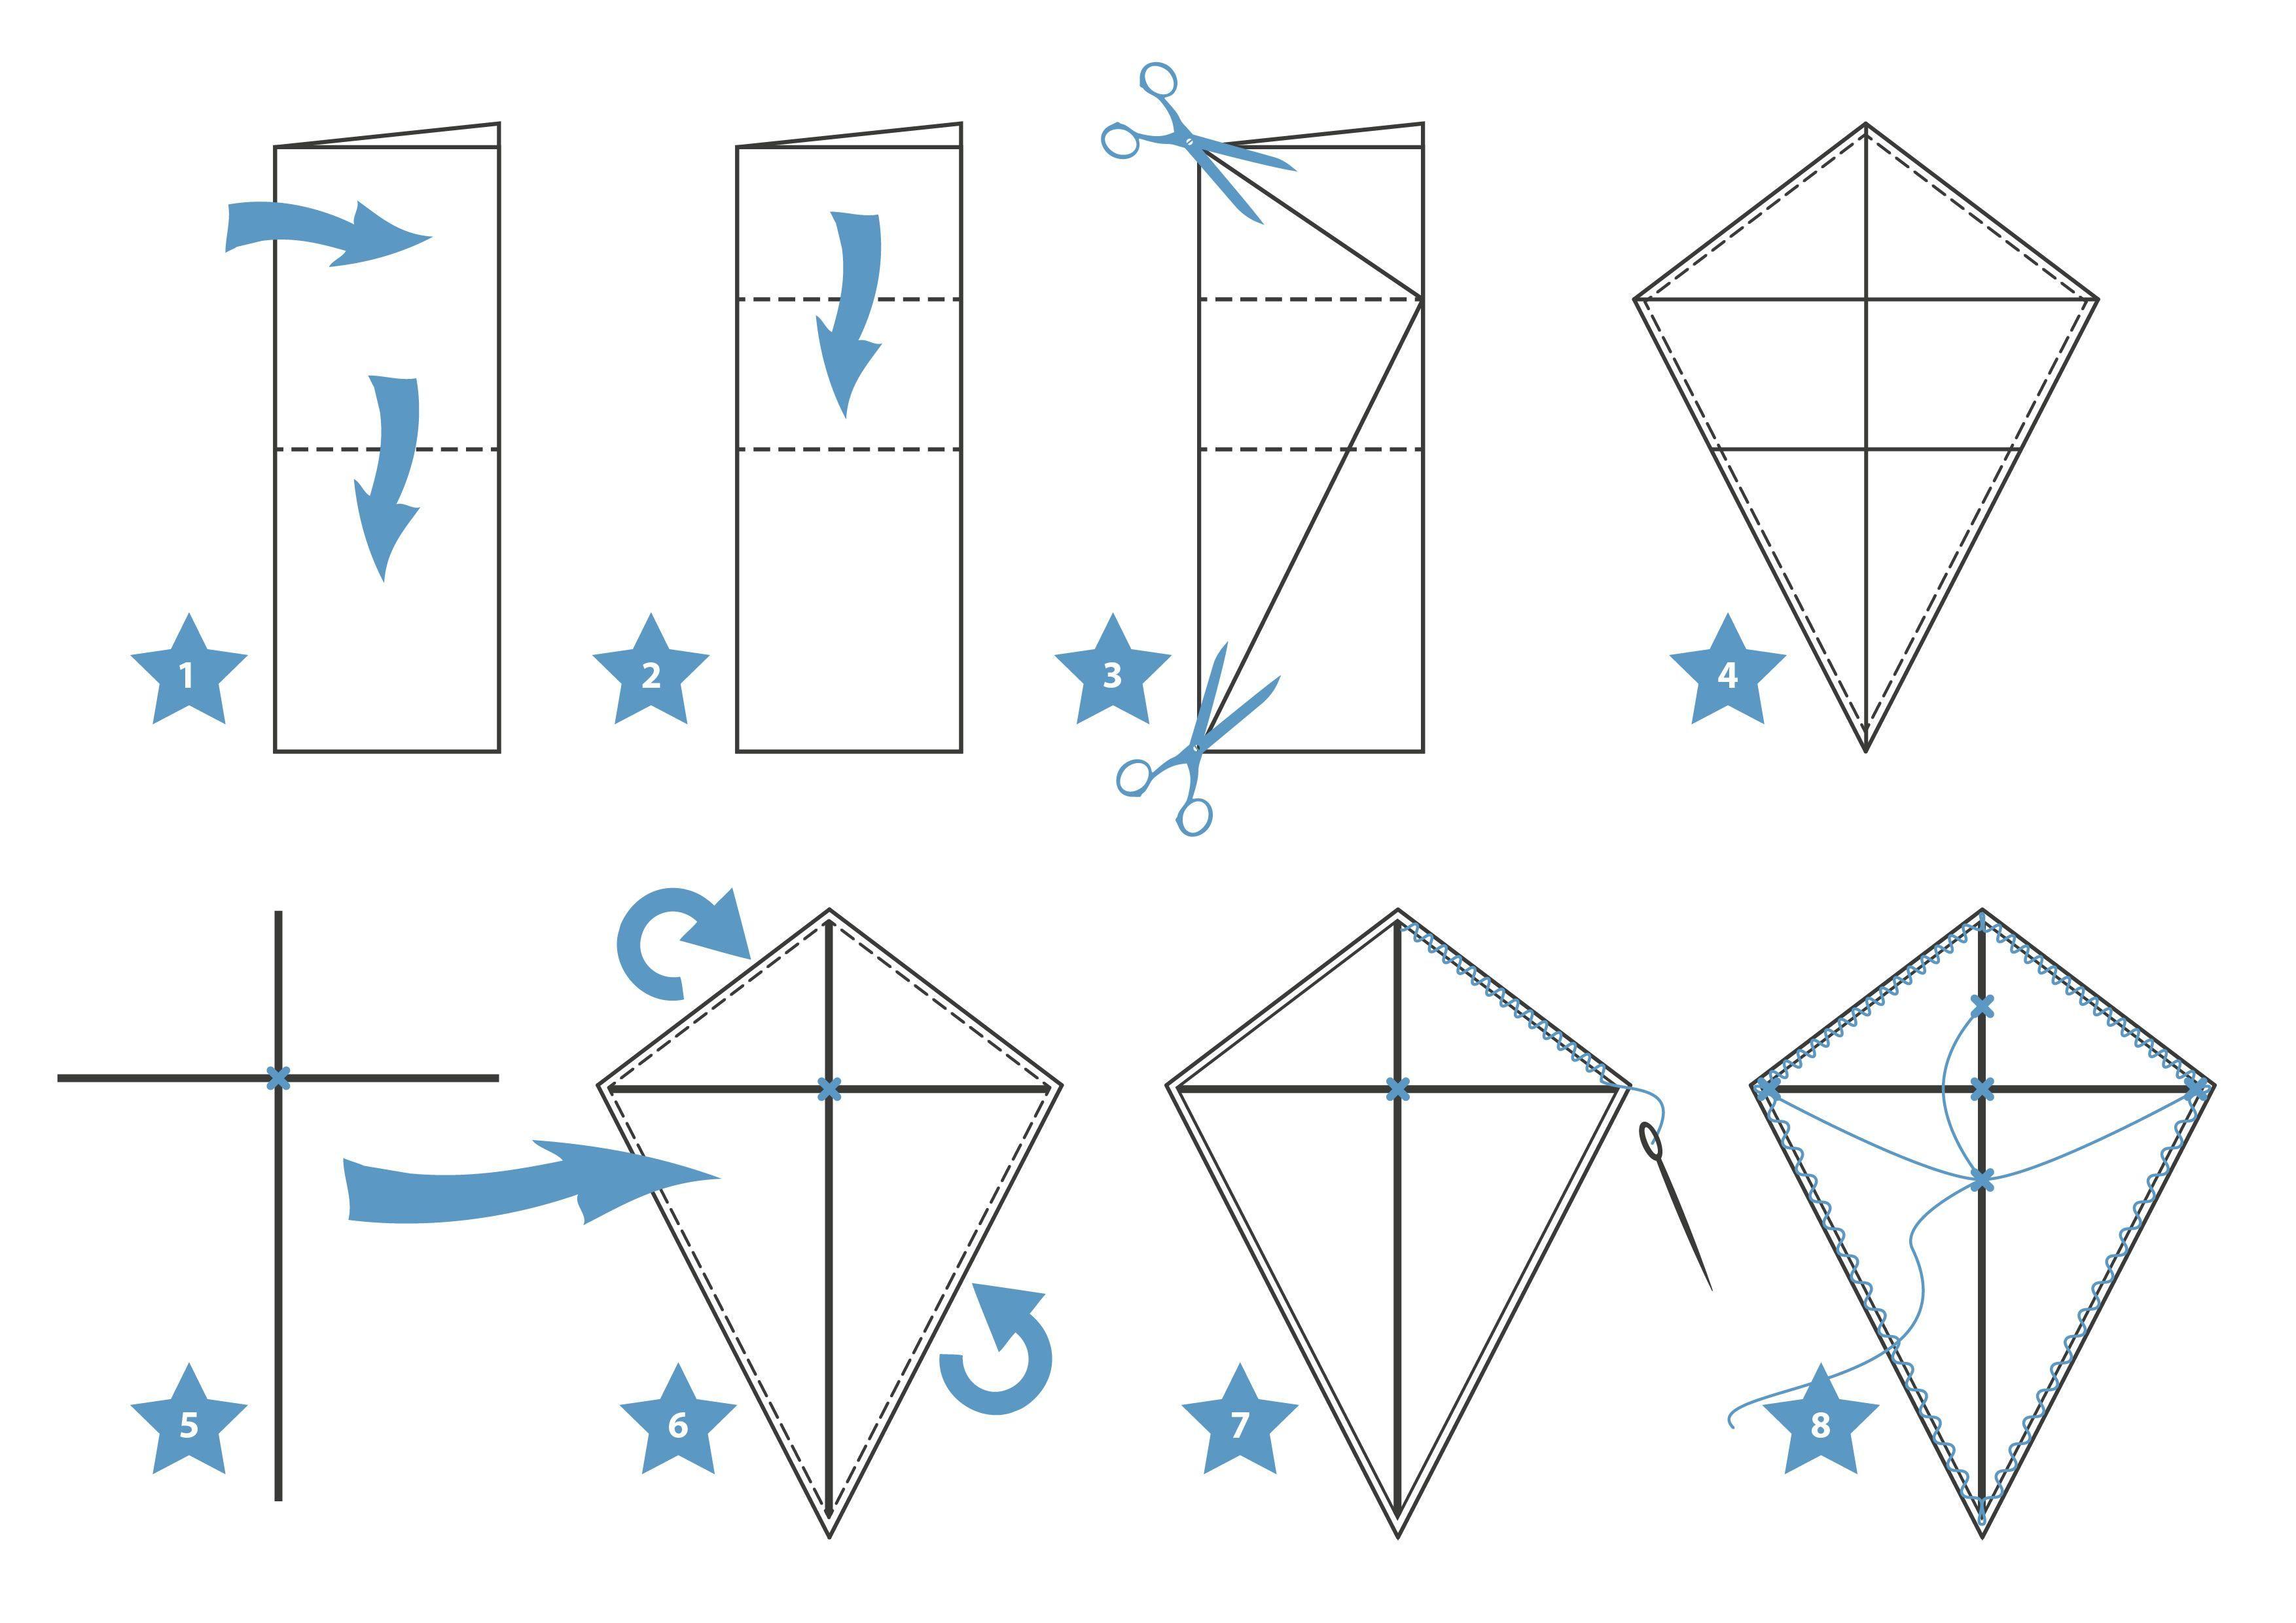 Genial Papierdrachen Falten Anleitung Aufenthalt Zauberhaft Und Vielen Dank Fur Den Besuch Meines Blogs Ausmalbildk Diy Kite Kites Craft Stem Projects For Kids